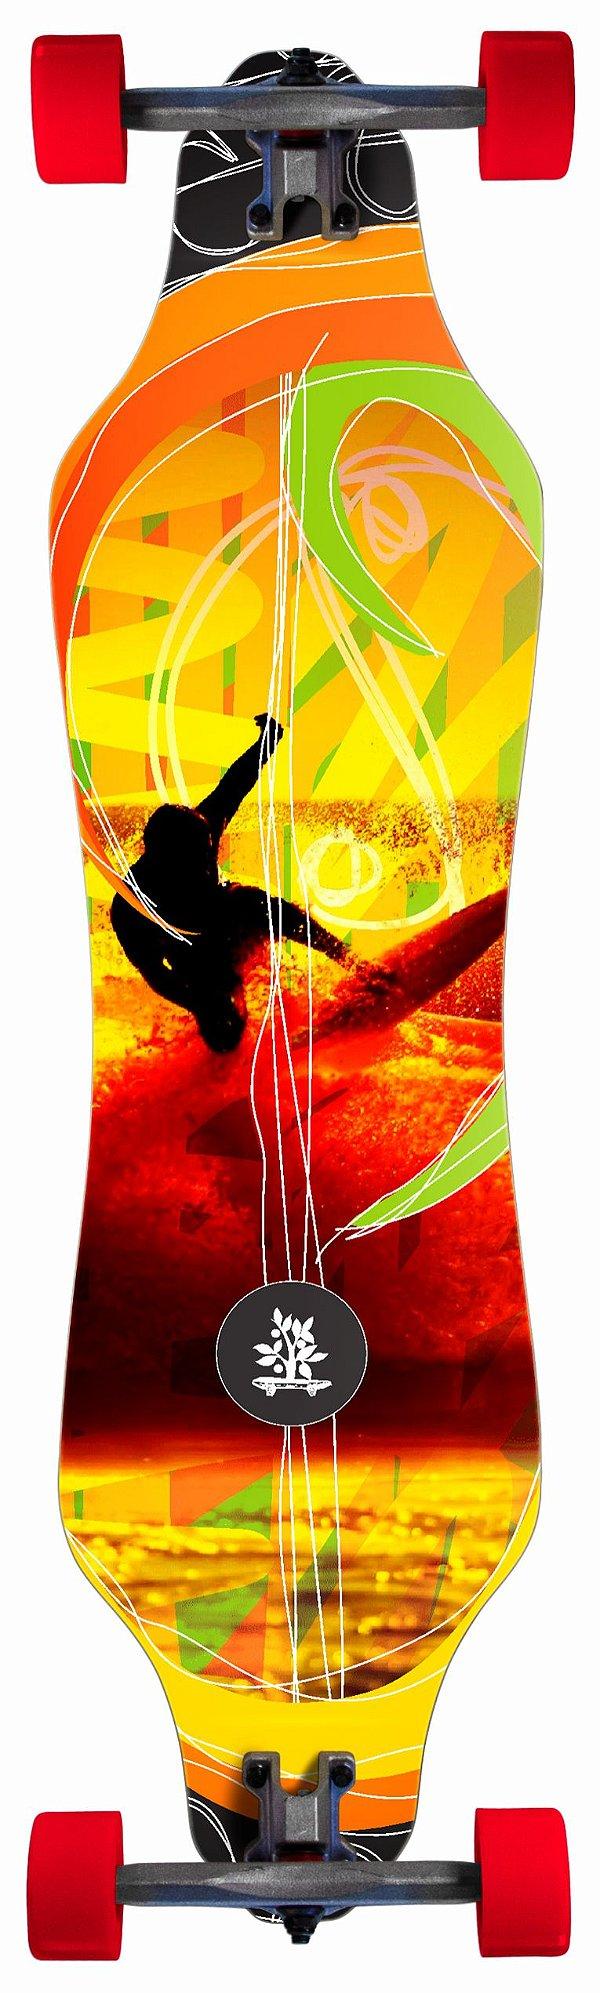 Longboard Street Curve - Surfer